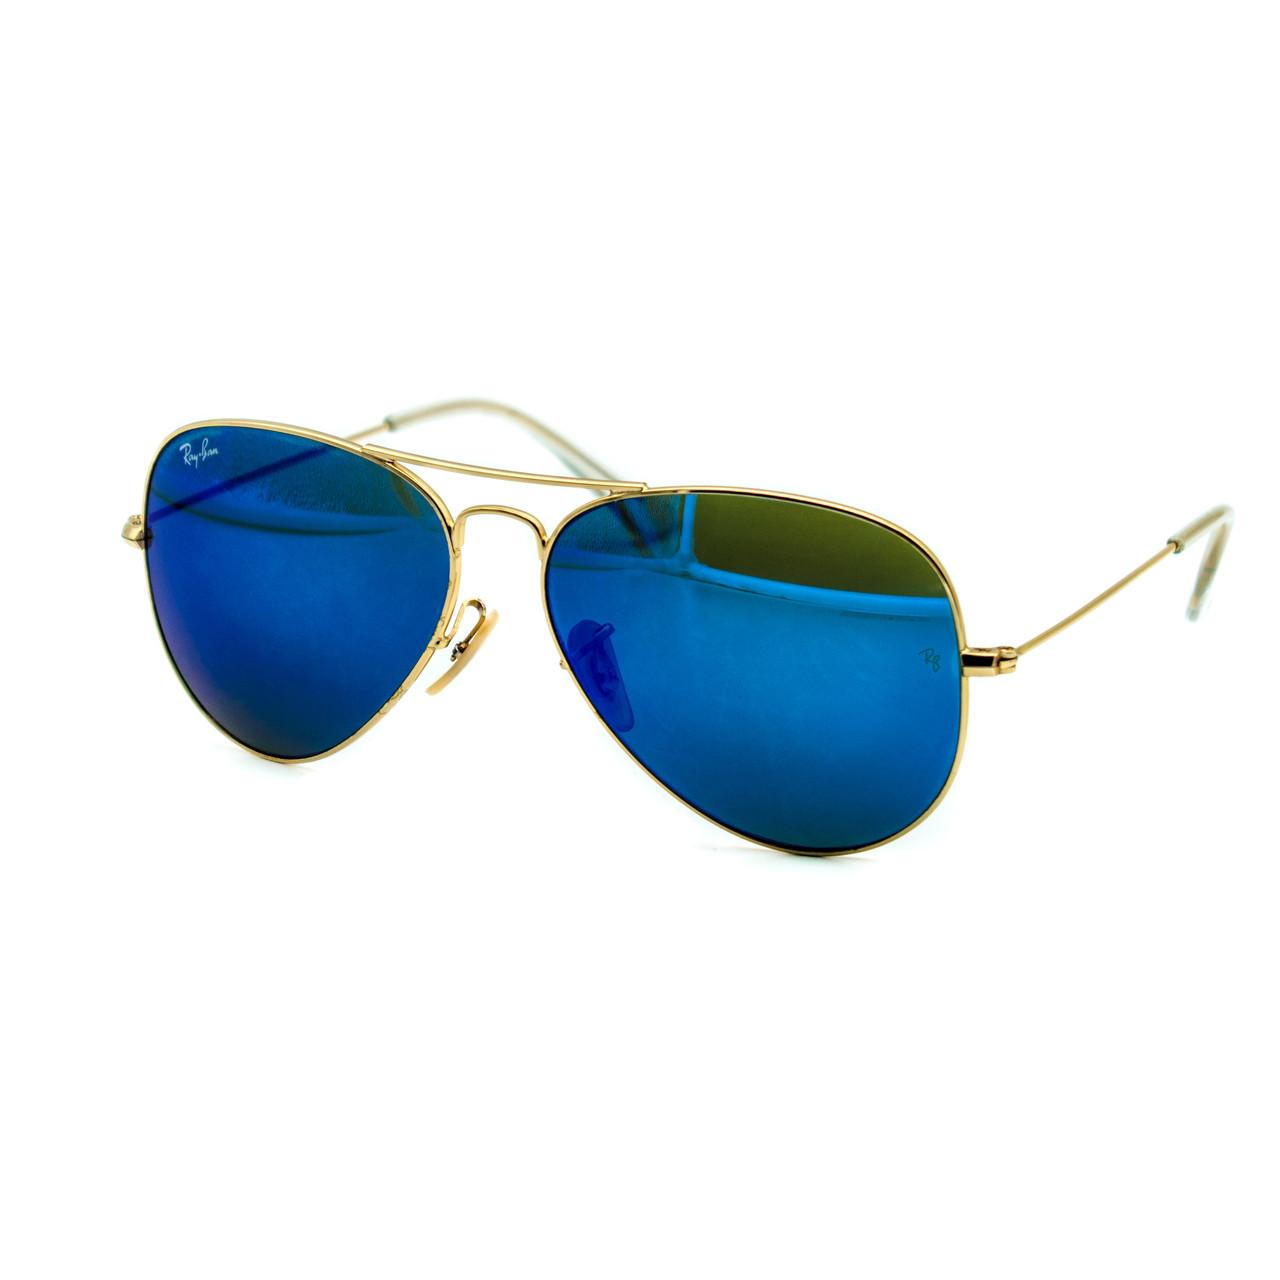 Очки Ray Ban Aviator синие (replica)